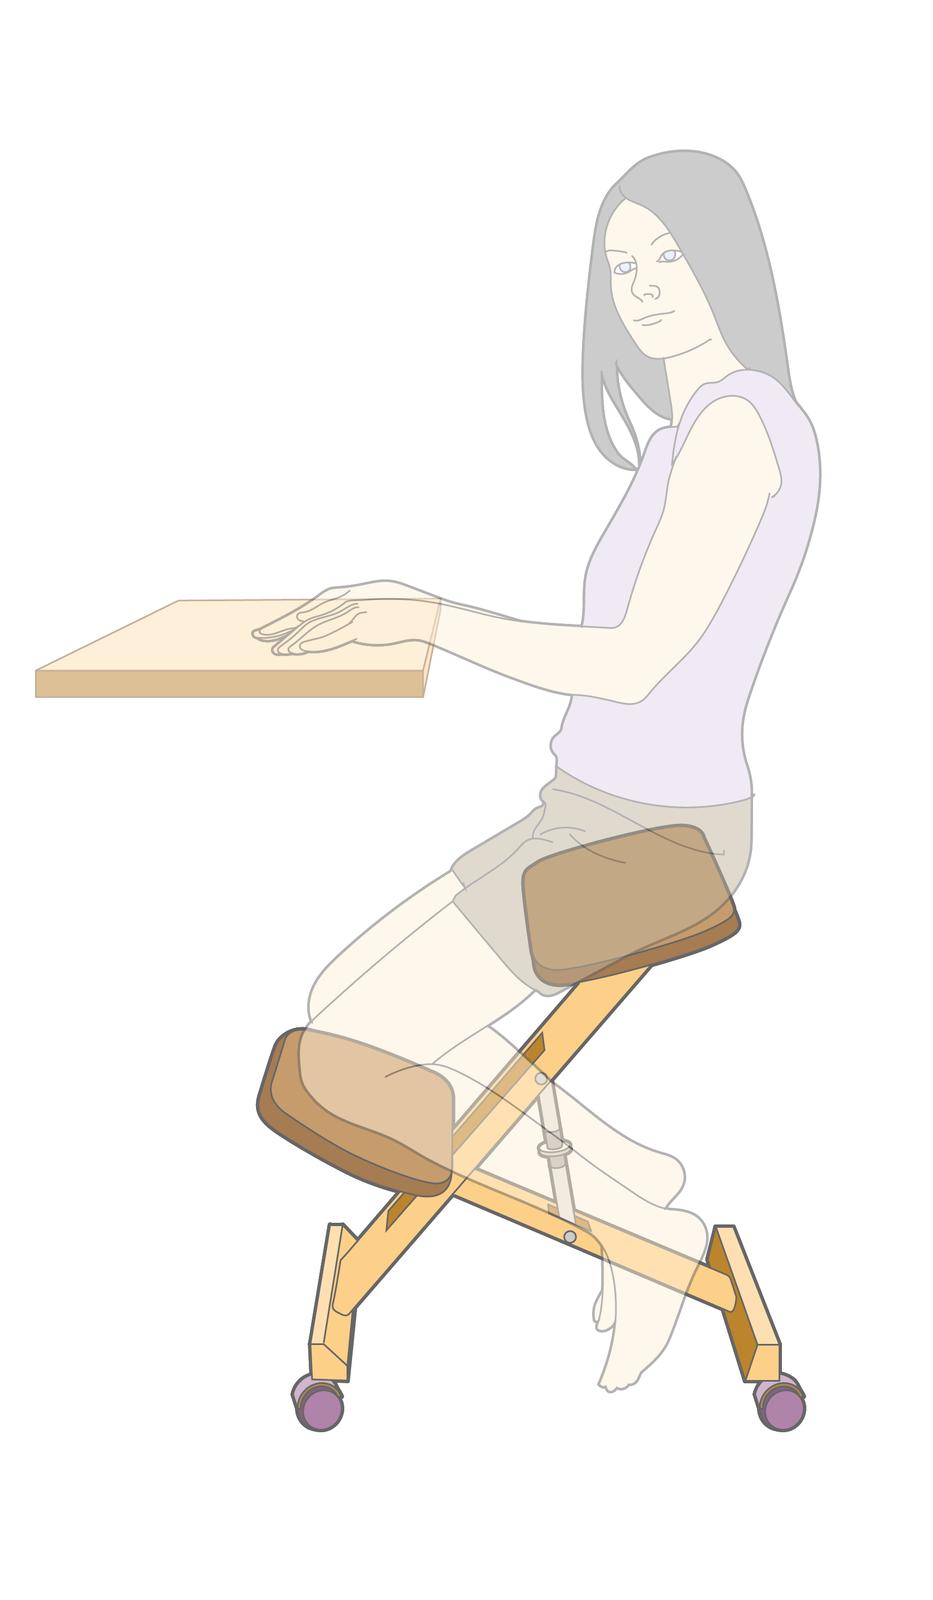 Ilustracja przedstawia klękosiad - mebel do siedzenia pozwalający utrzymać najkorzystniejszą postawę ciała.